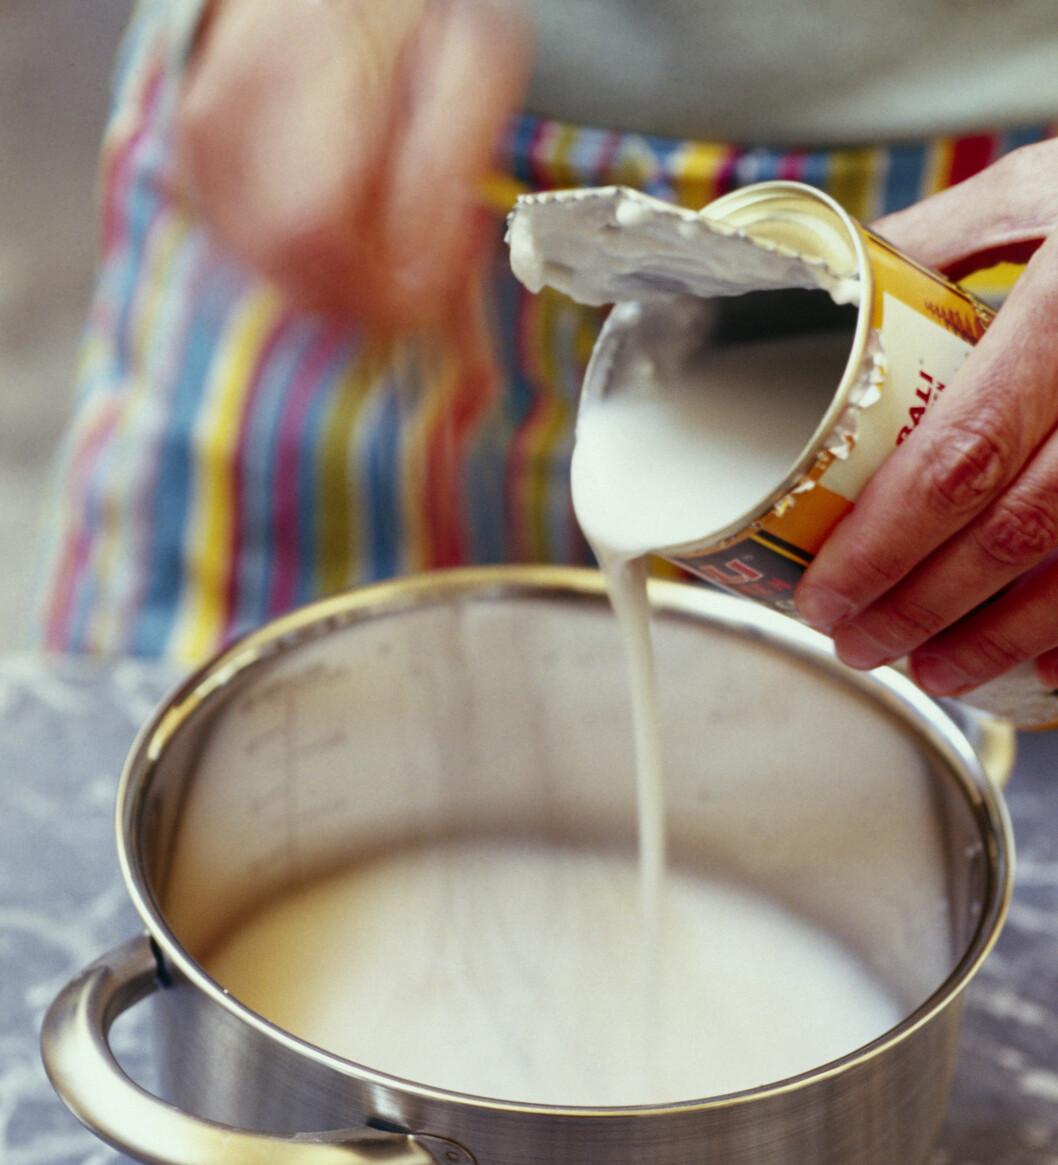 LETT KOKOSMELK: Dersom du bruker mye kokosmelk, så kan det være en fordel å variere mellom den lette og vanlige varianten, ettersom også kokosmelk er en kilde til mye mettet fett.  Foto: Fotolia